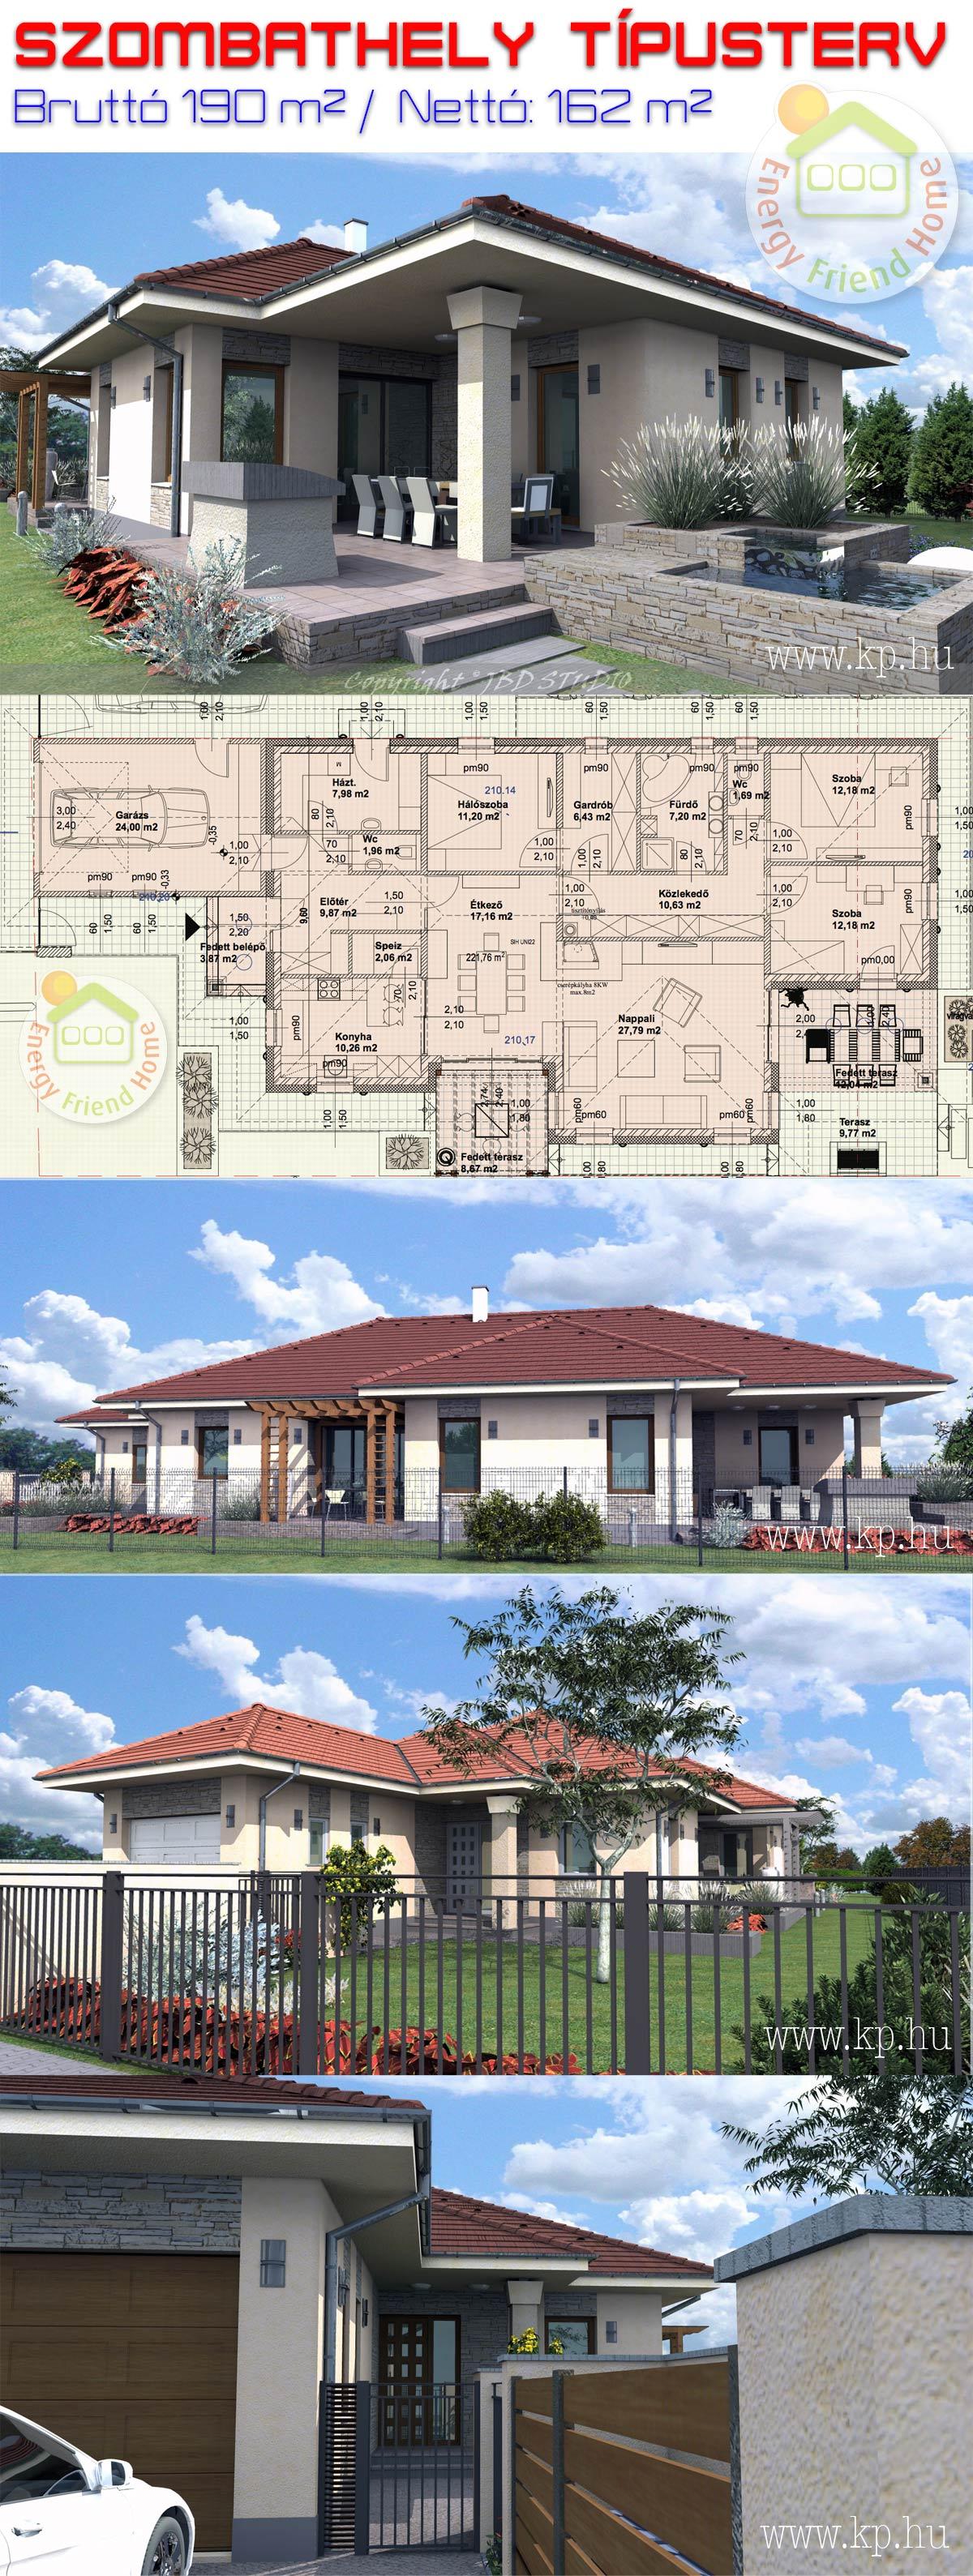 Szombathely-családi-ház-típusterv